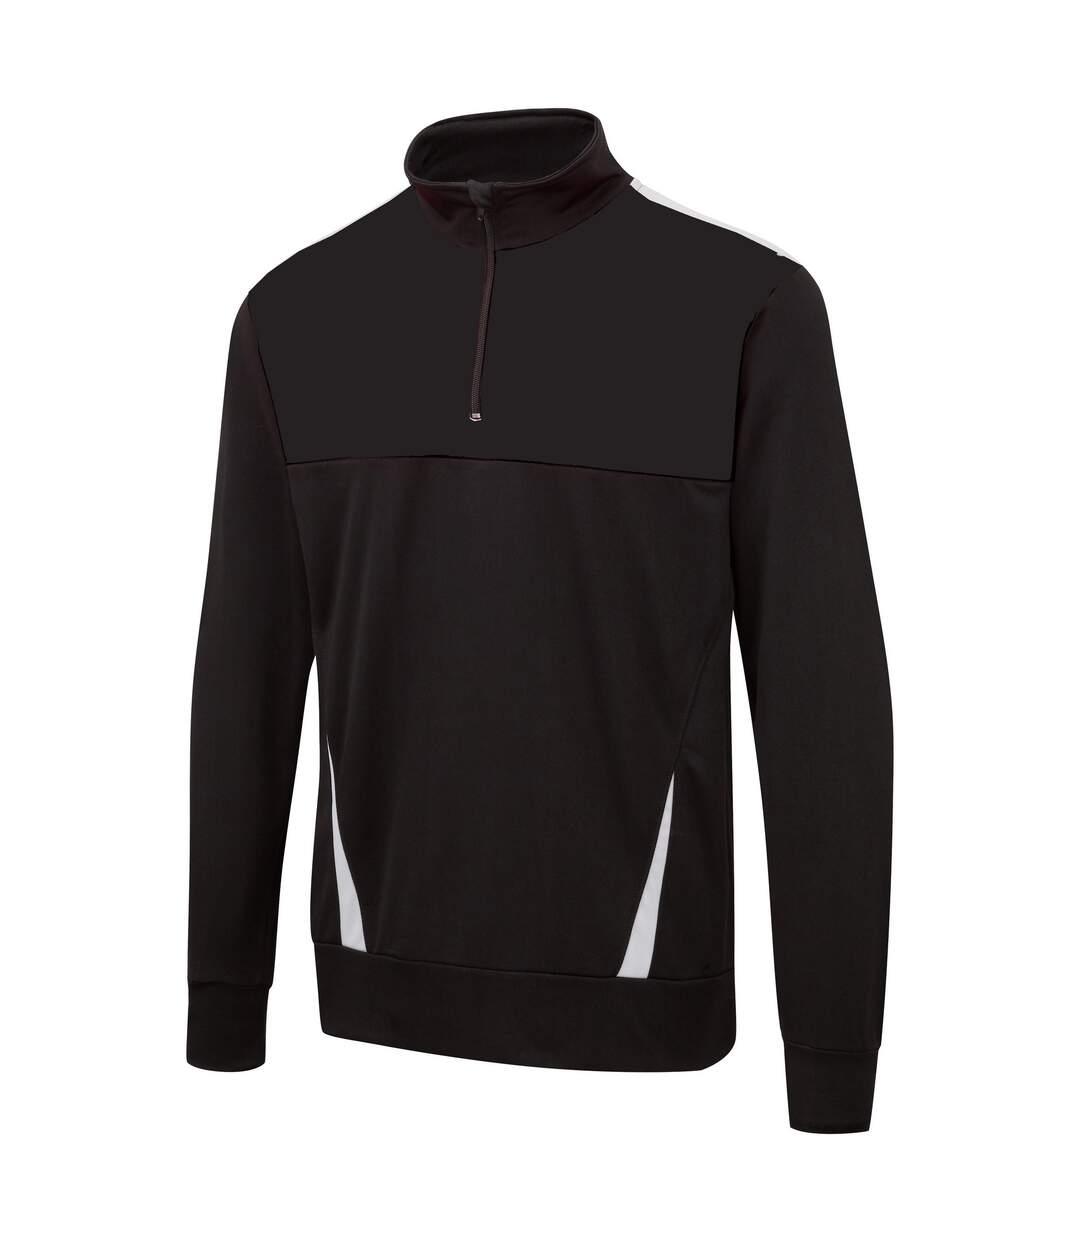 Surridge Blade - Haut sport à manches longues - Homme (Noir/Blanc) - UTRW4924